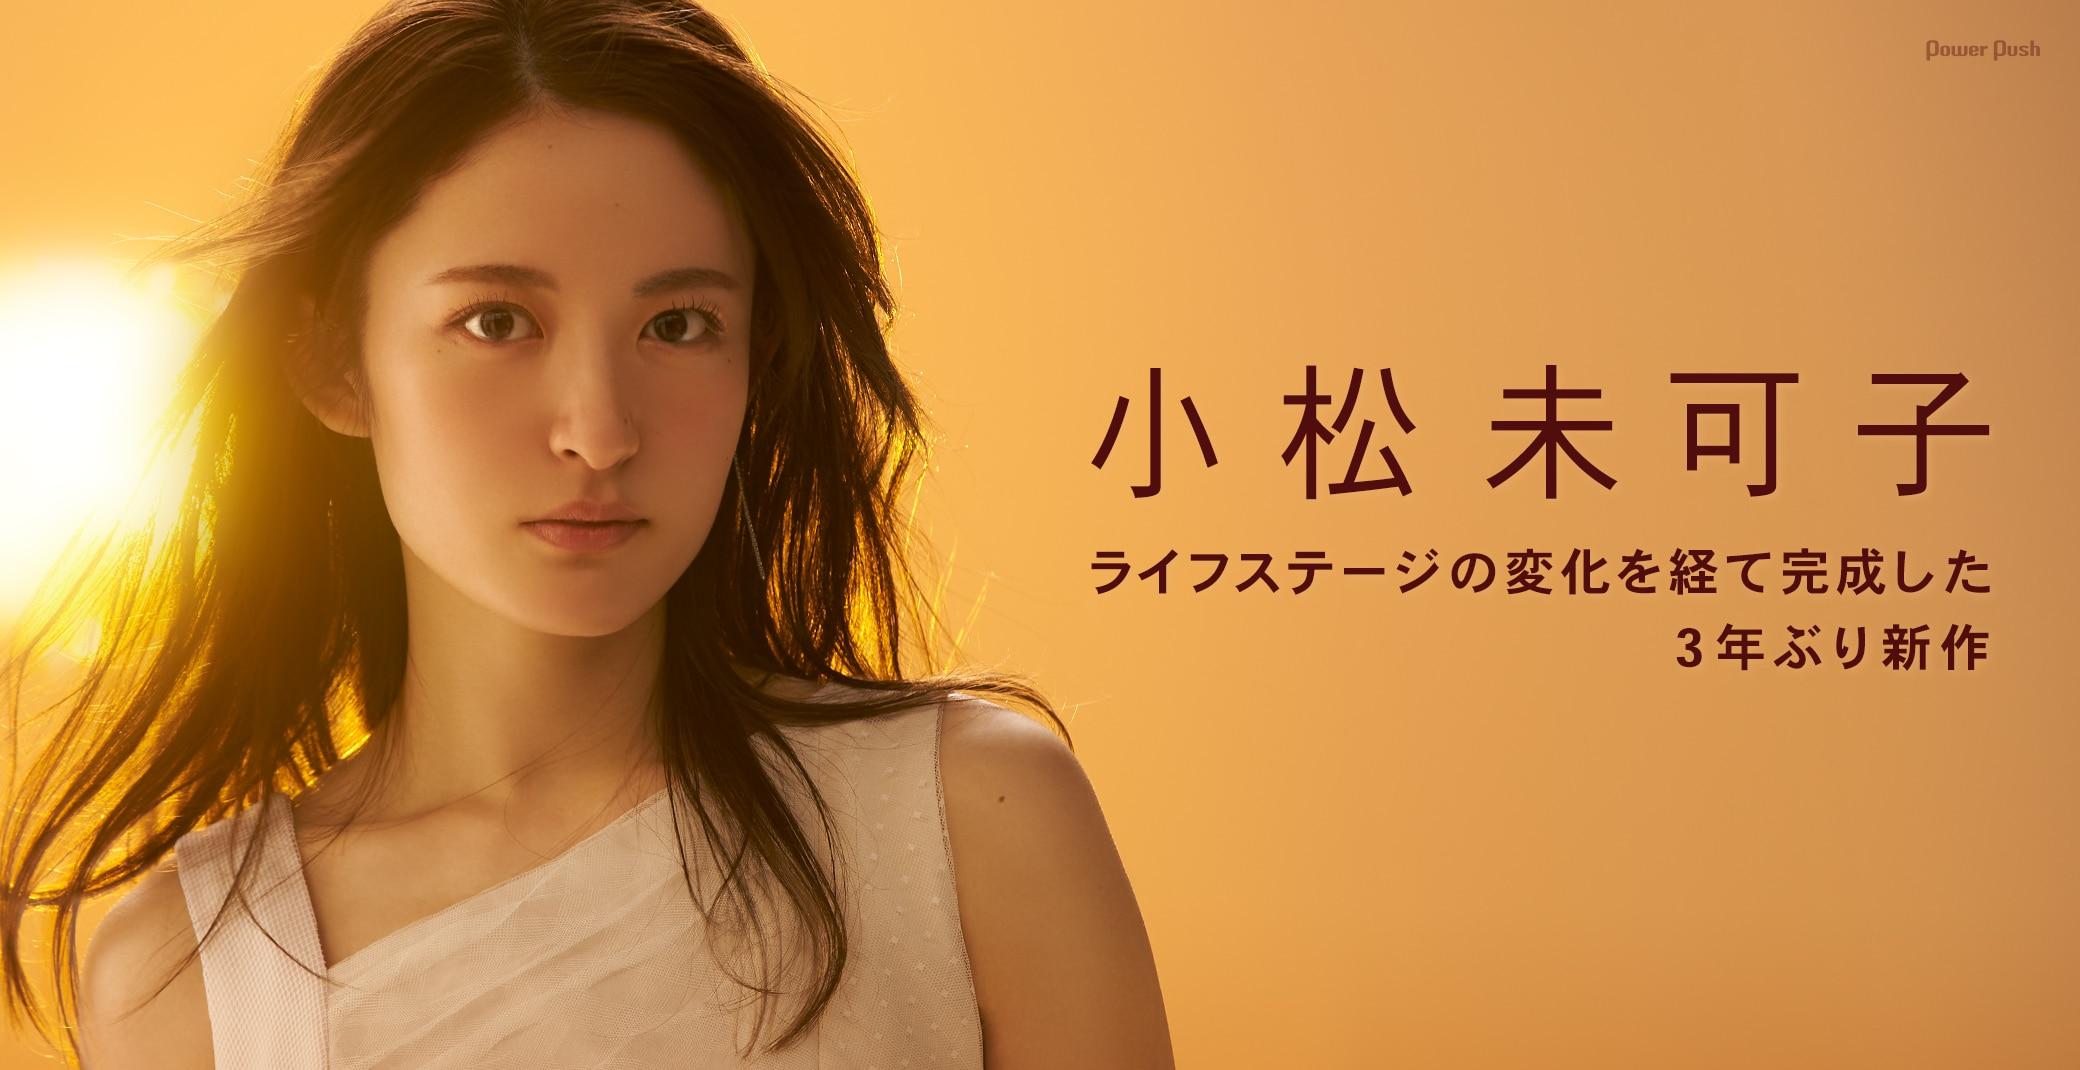 小松未可子|ライフステージの変化を経て完成した3年ぶり新作